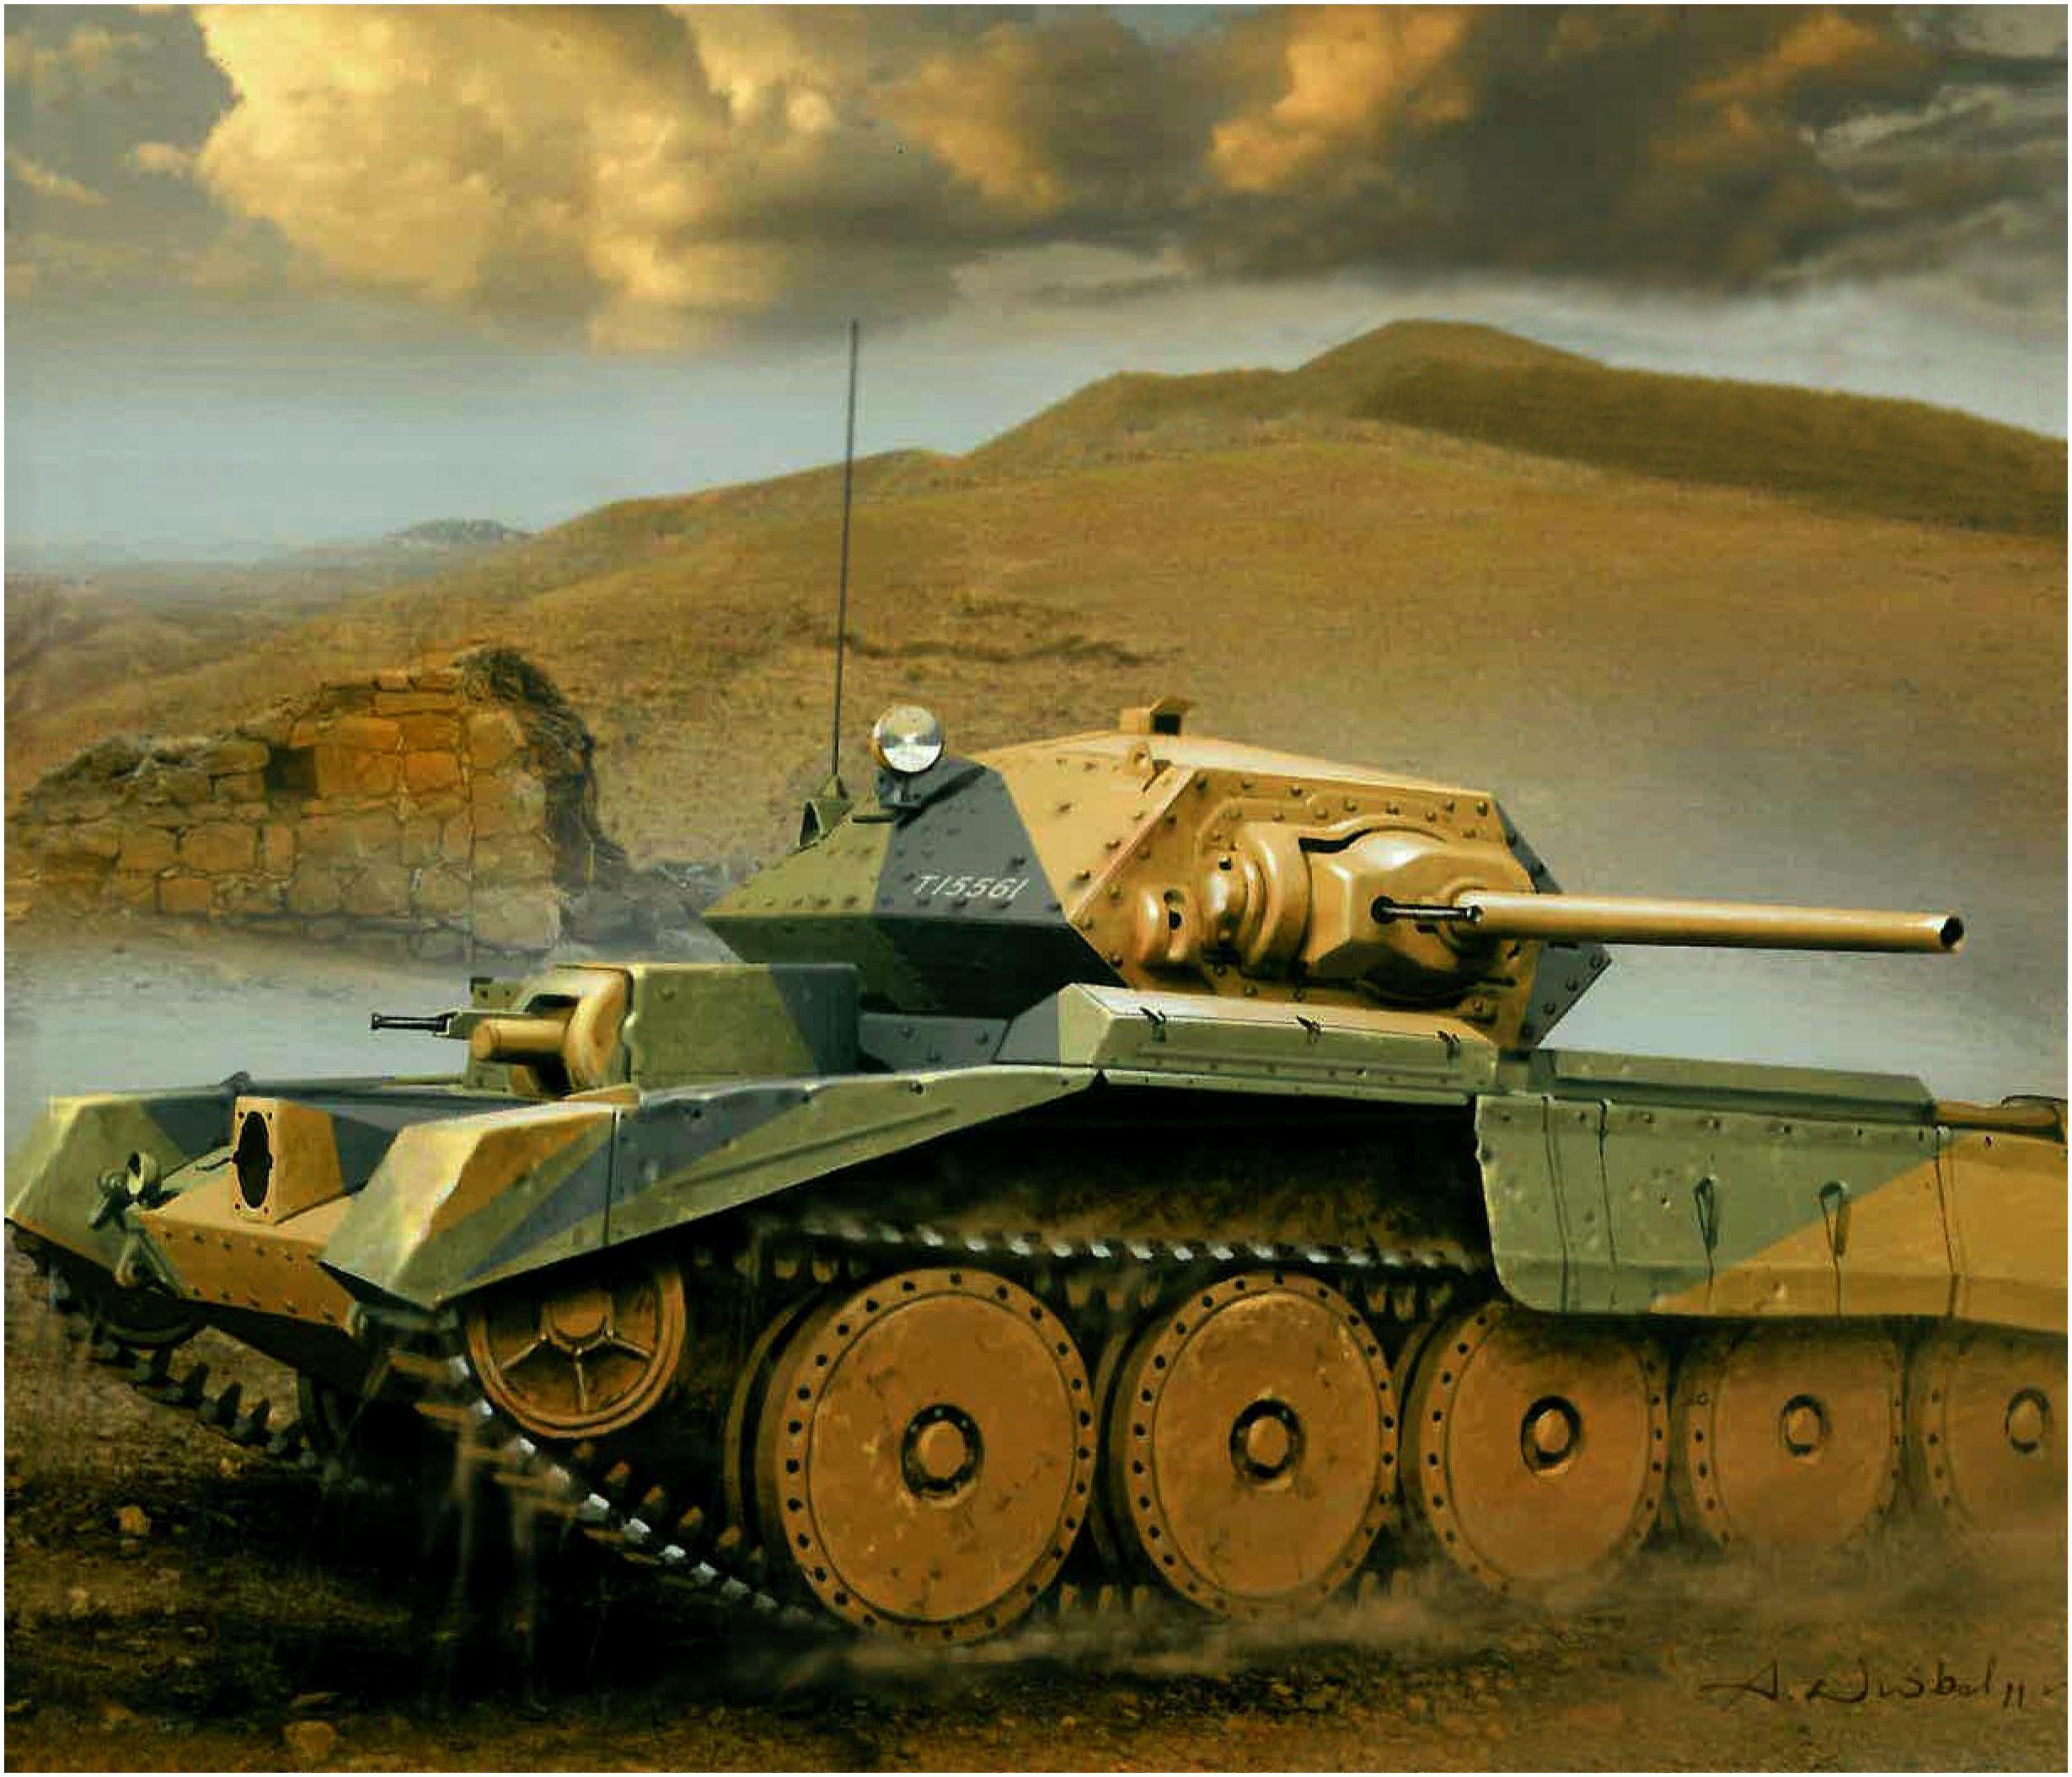 фото танка крусейдер стремится понять, что